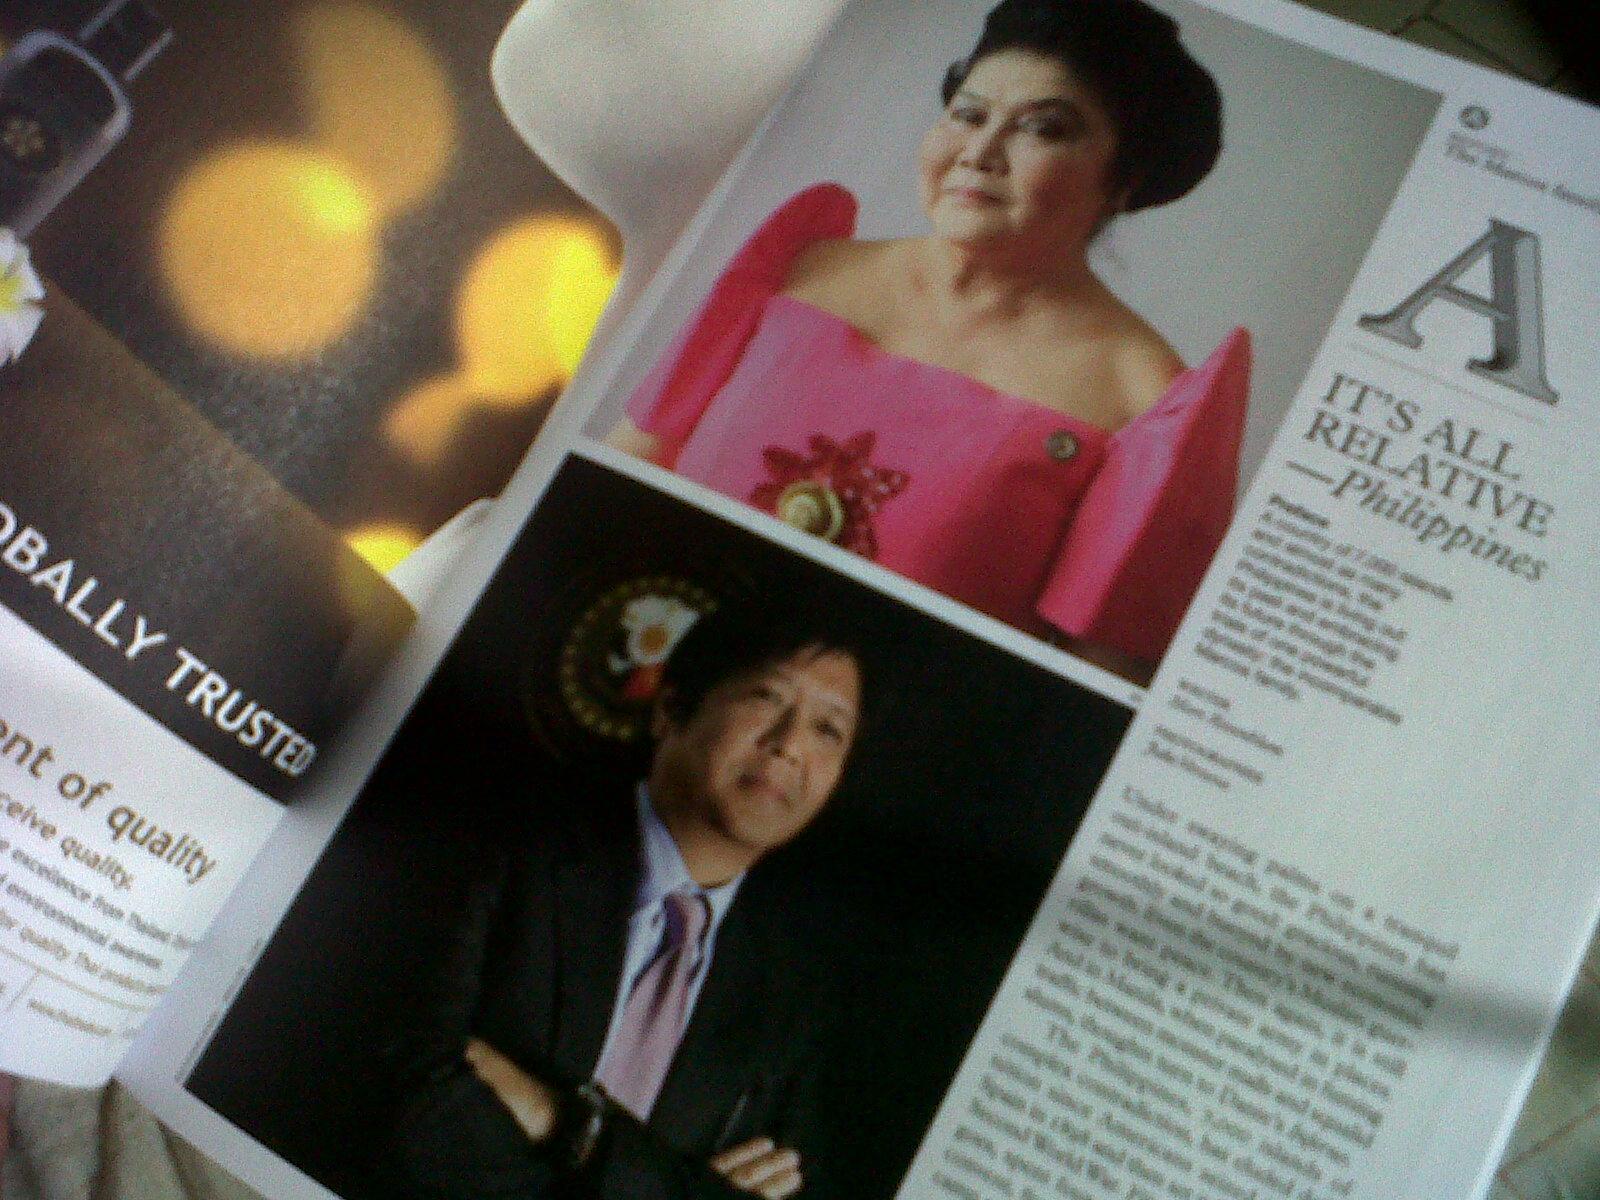 Monocle magazine feature on Imelda, Bongbong Marcos